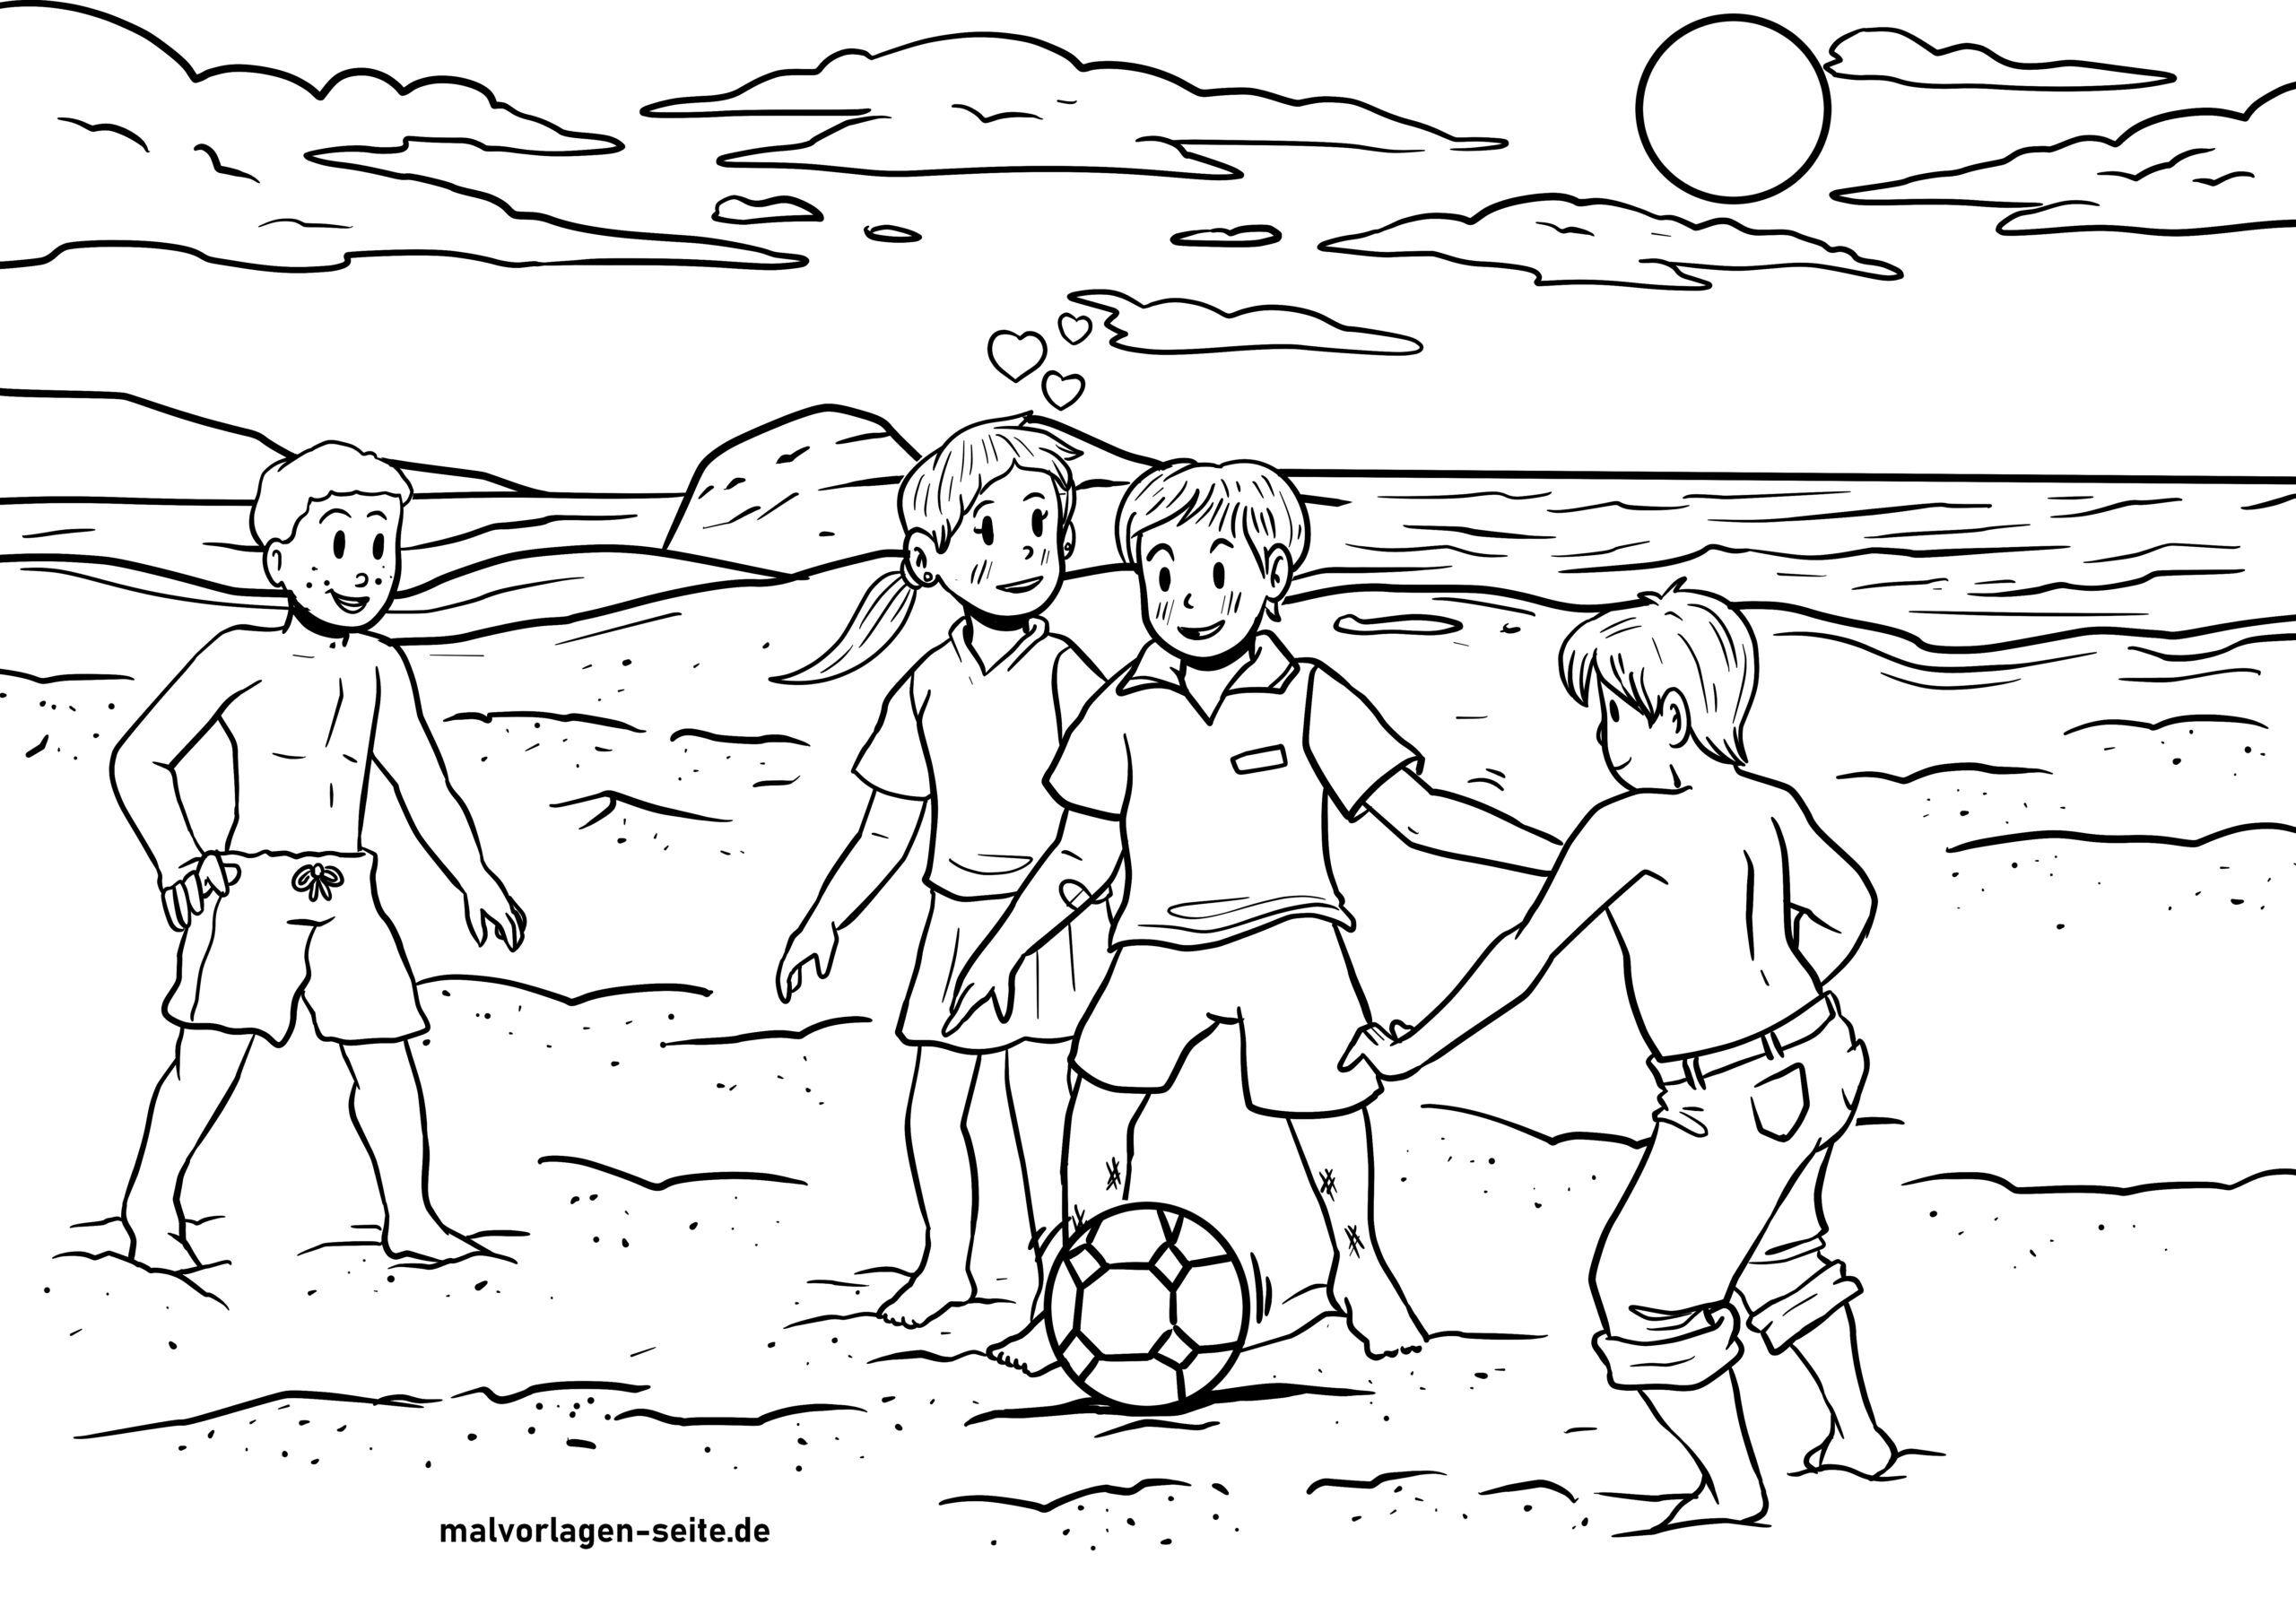 Malvorlage Fußball Spielen Am Strand - Kostenlose Ausmalbilder